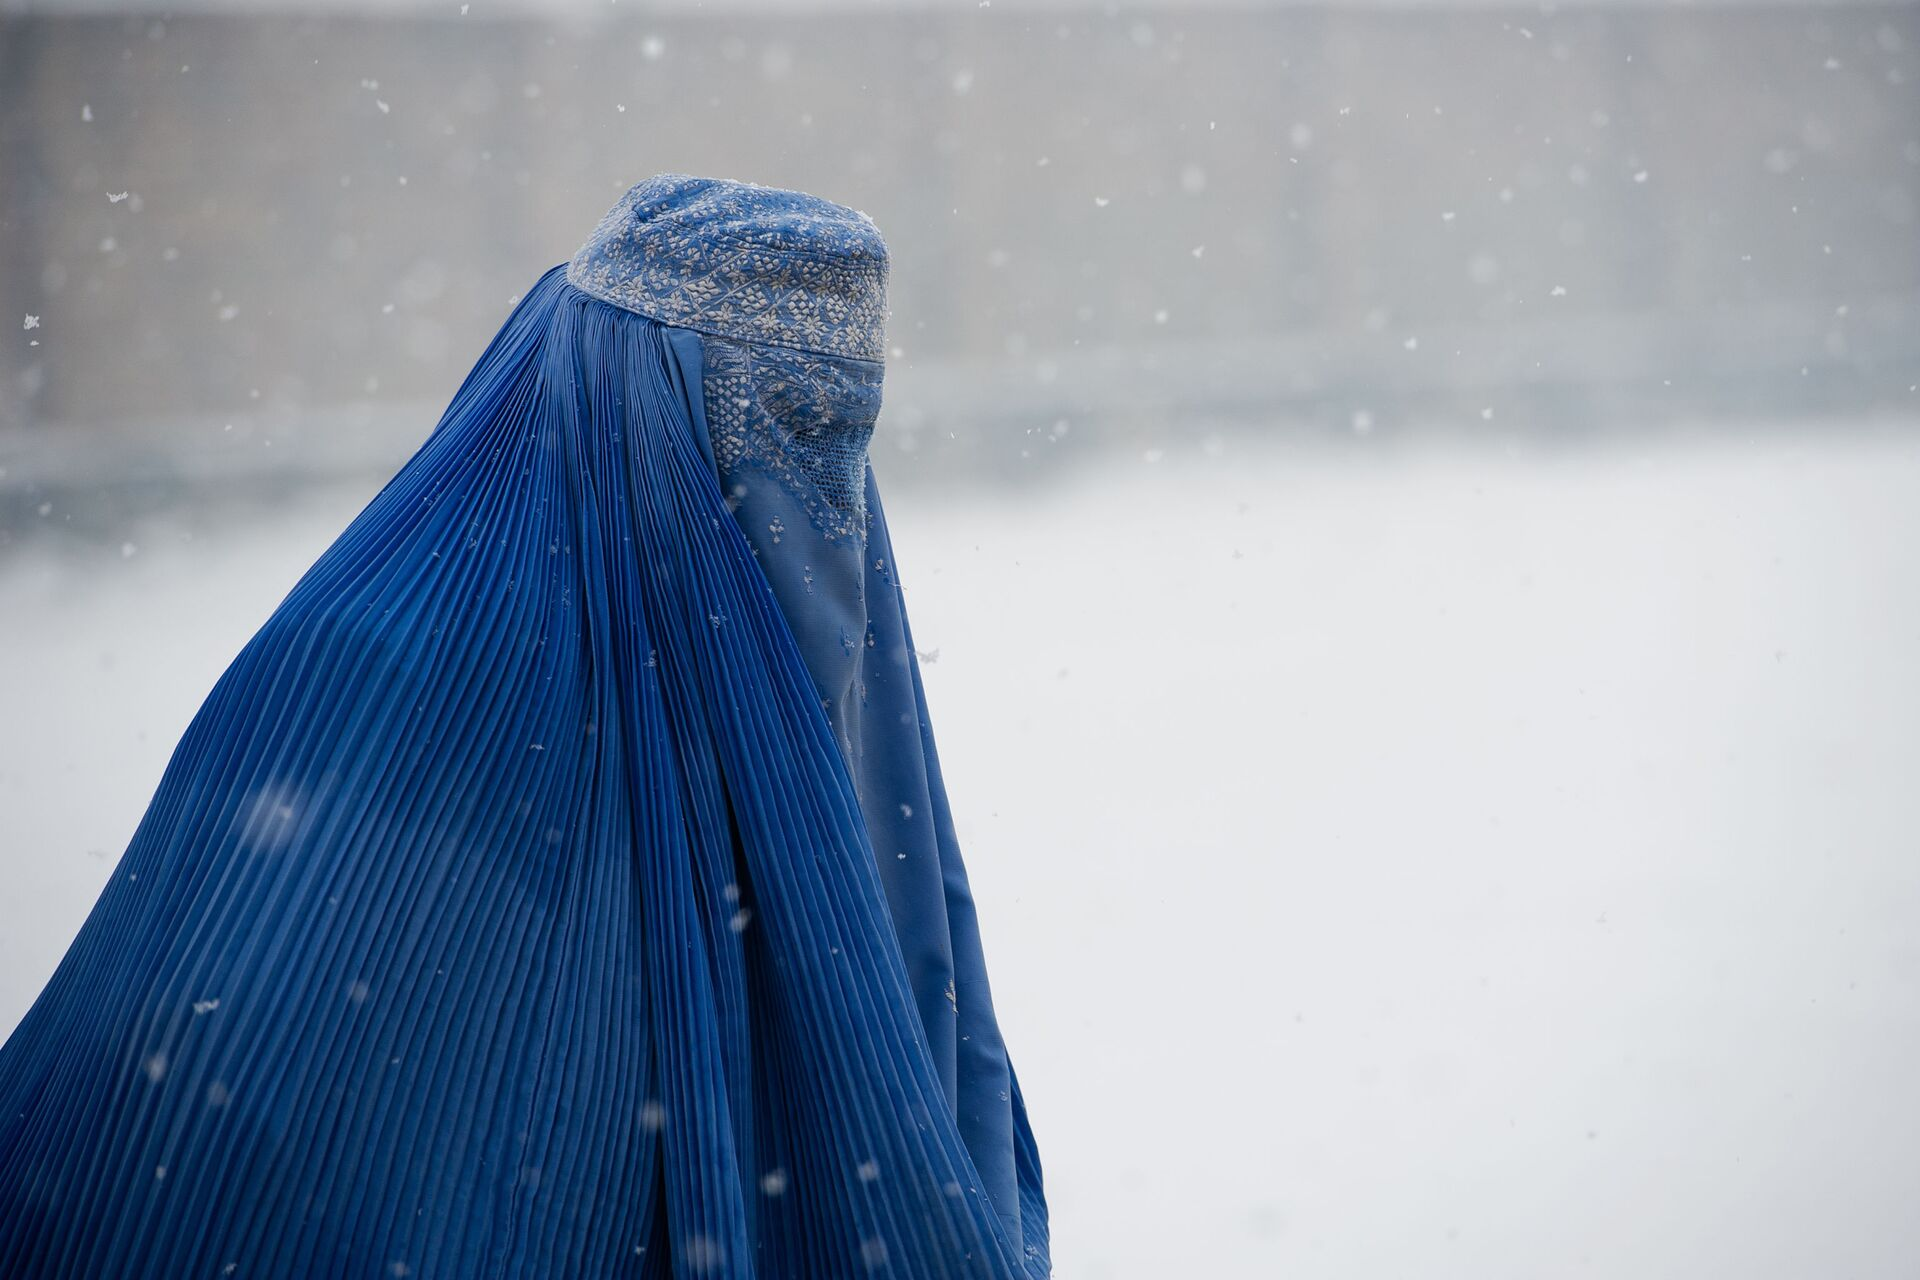 Người phụ nữ Afghanistan mặc burqa - trang phục truyền thống che toàn bộ khuôn mặt và cơ thể - Sputnik Việt Nam, 1920, 05.10.2021